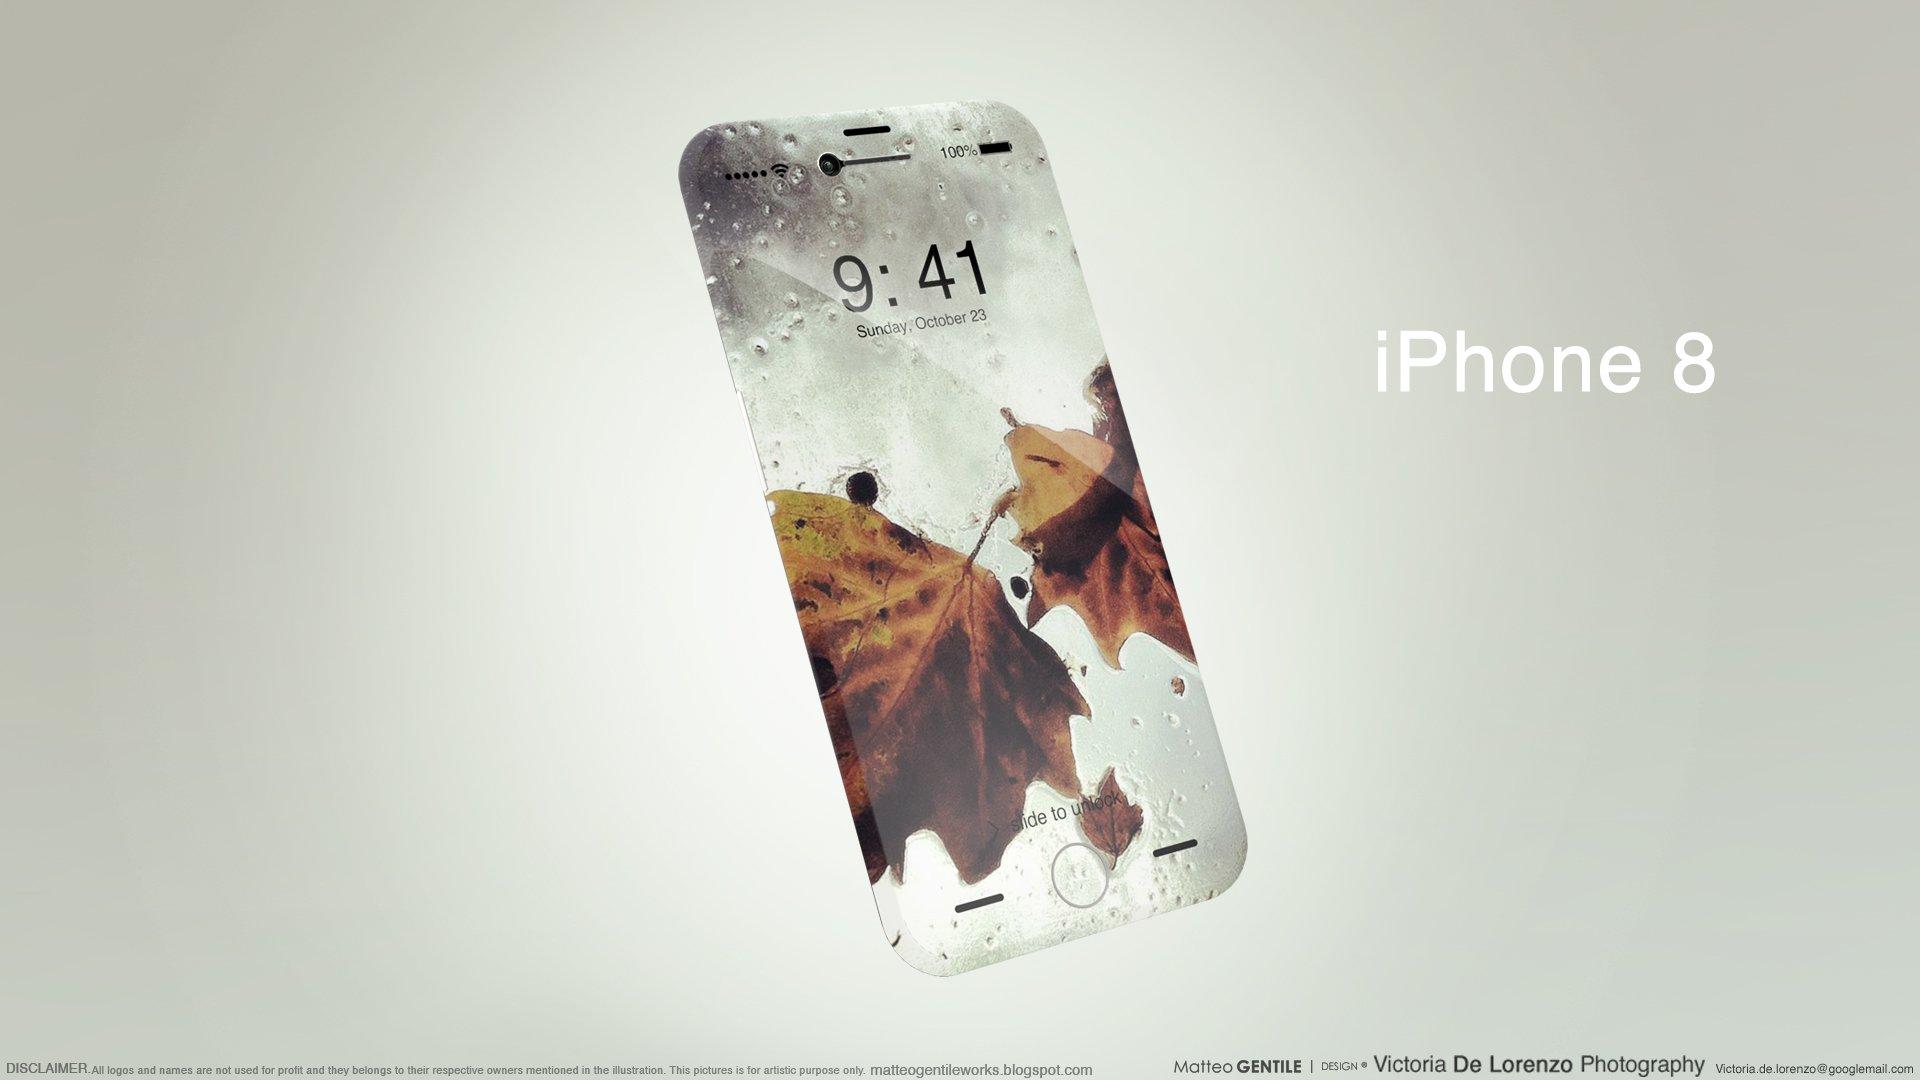 iphone-8-concept-design-2